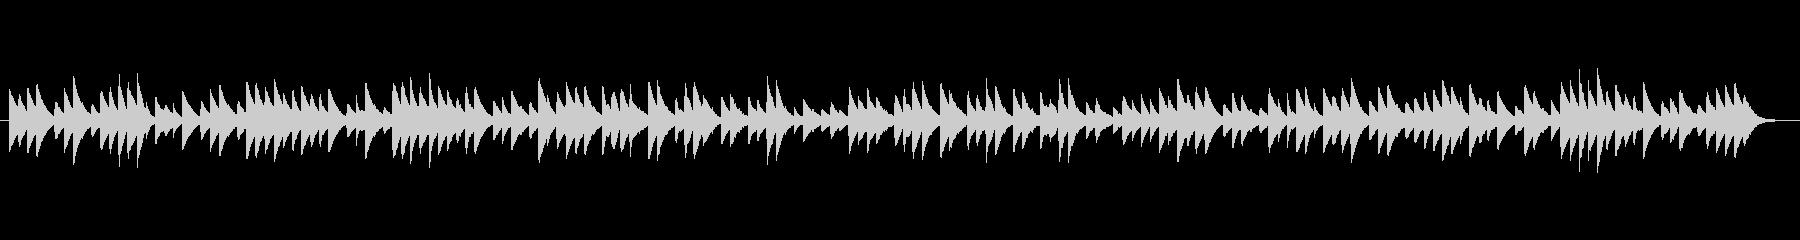 切ないオルゴールのBGMの未再生の波形